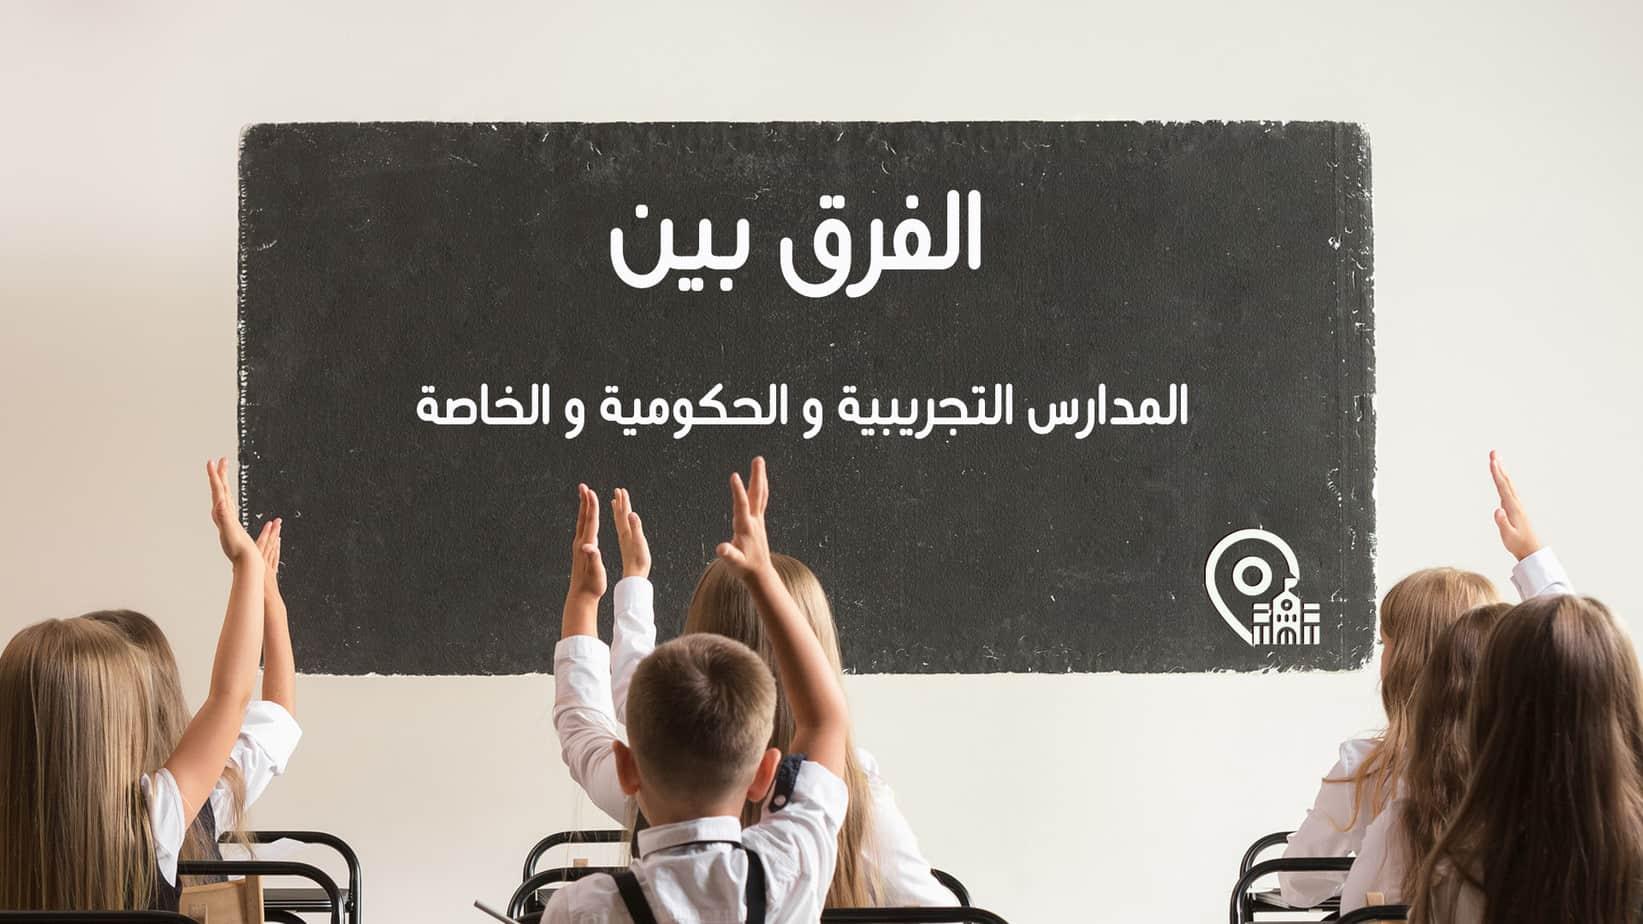 الفرق بين المدارس التجريبية والحكومية والخاصة في مصر